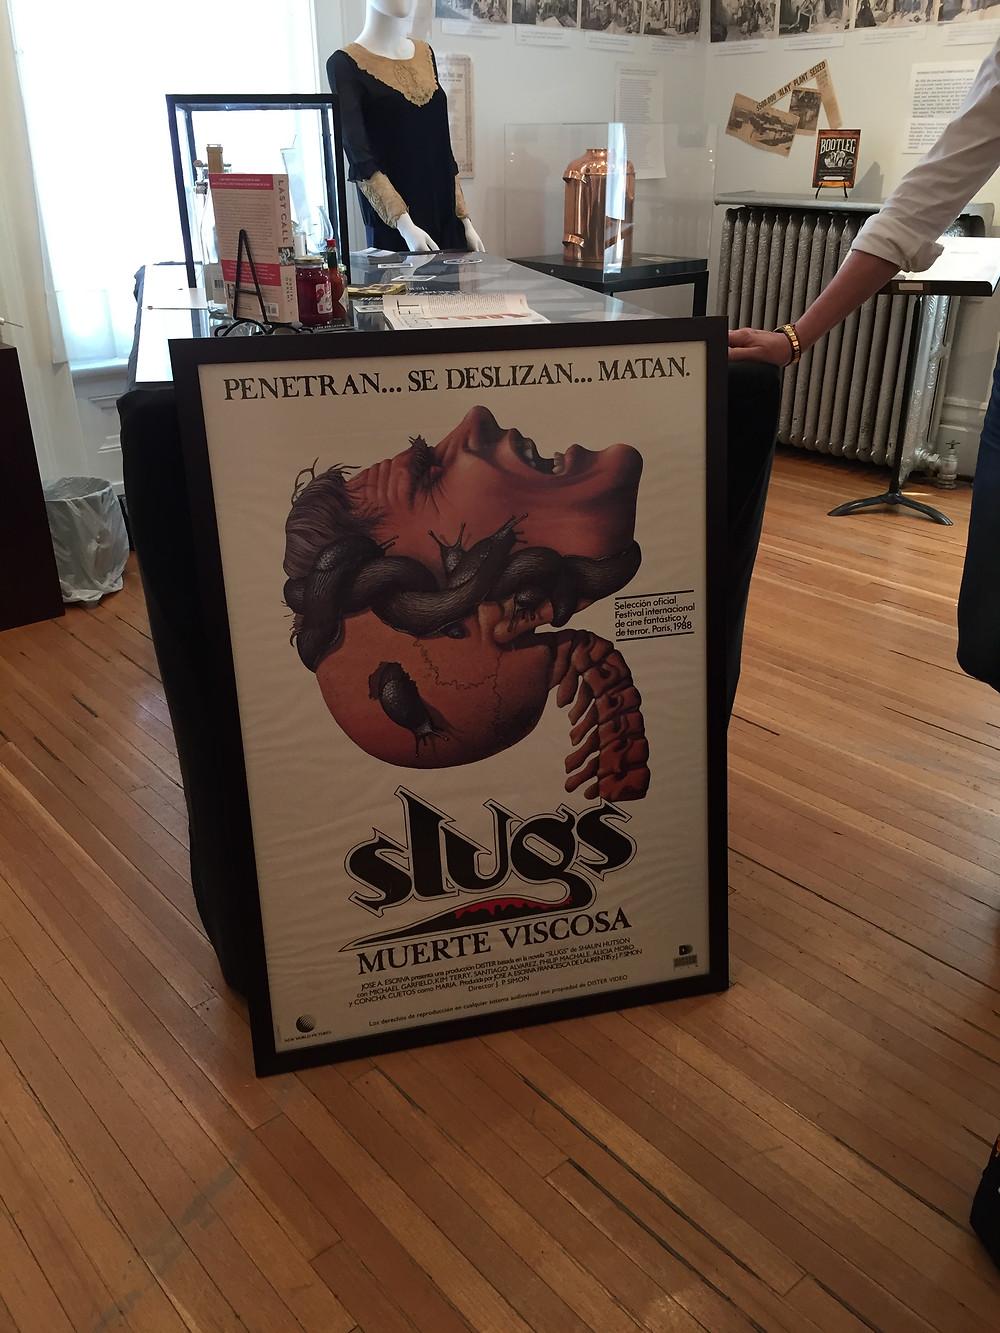 Original Spanish Slugs movie poster.